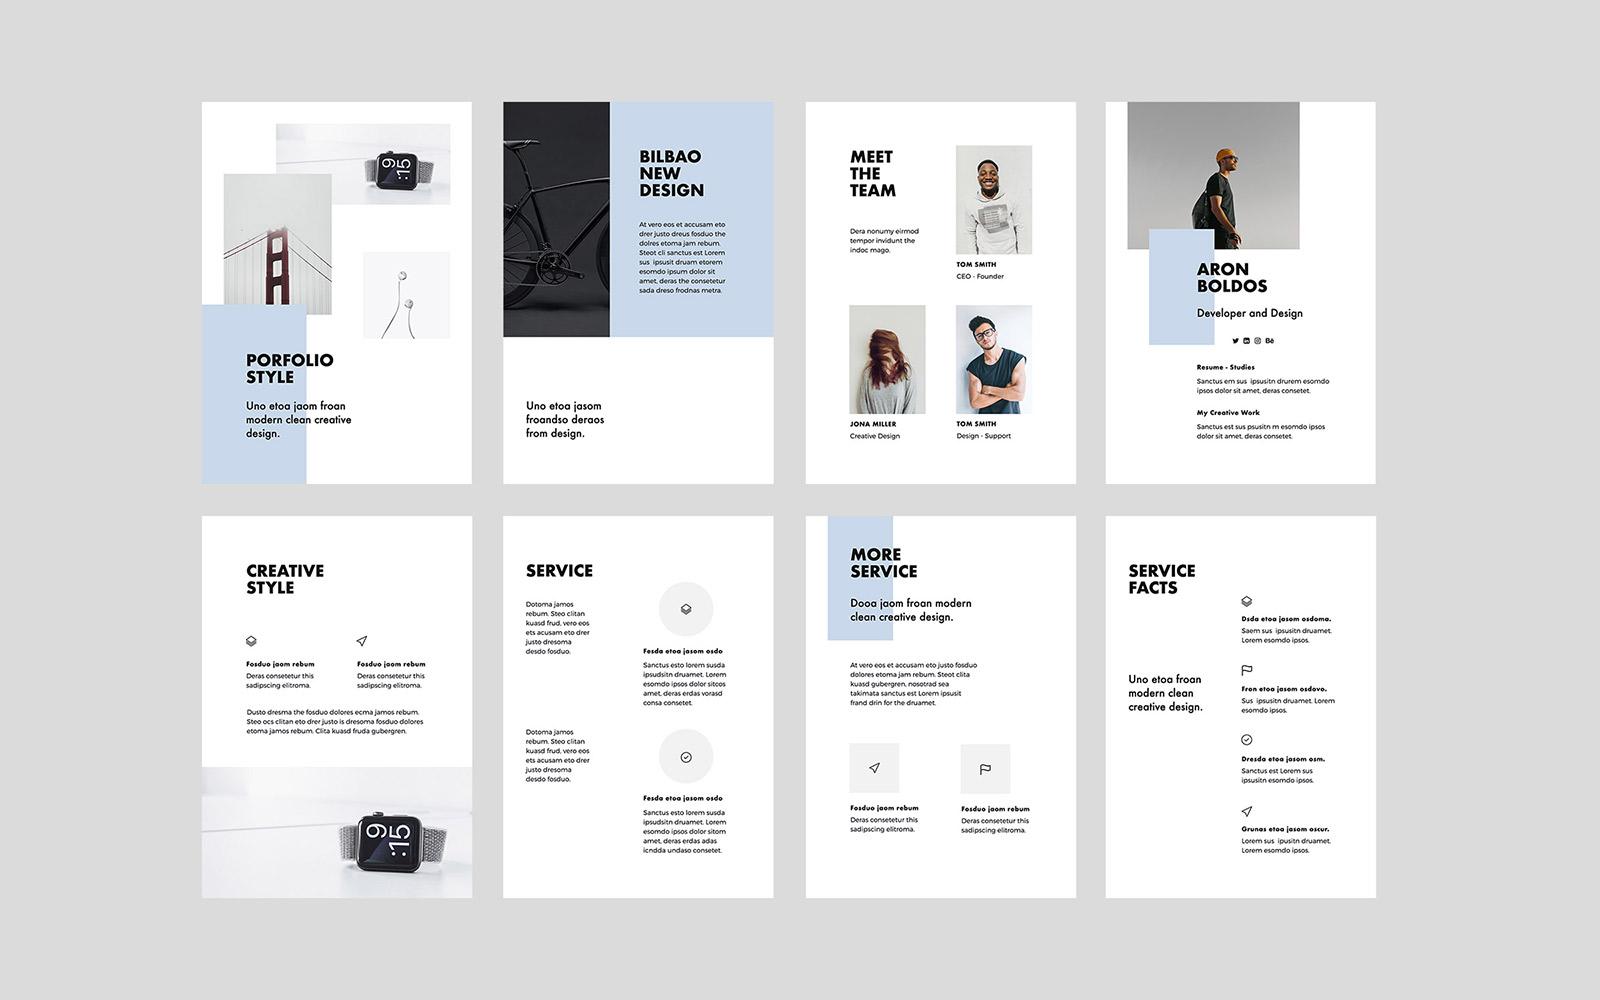 BILBAO - A4 Vertical PowerPoint Template